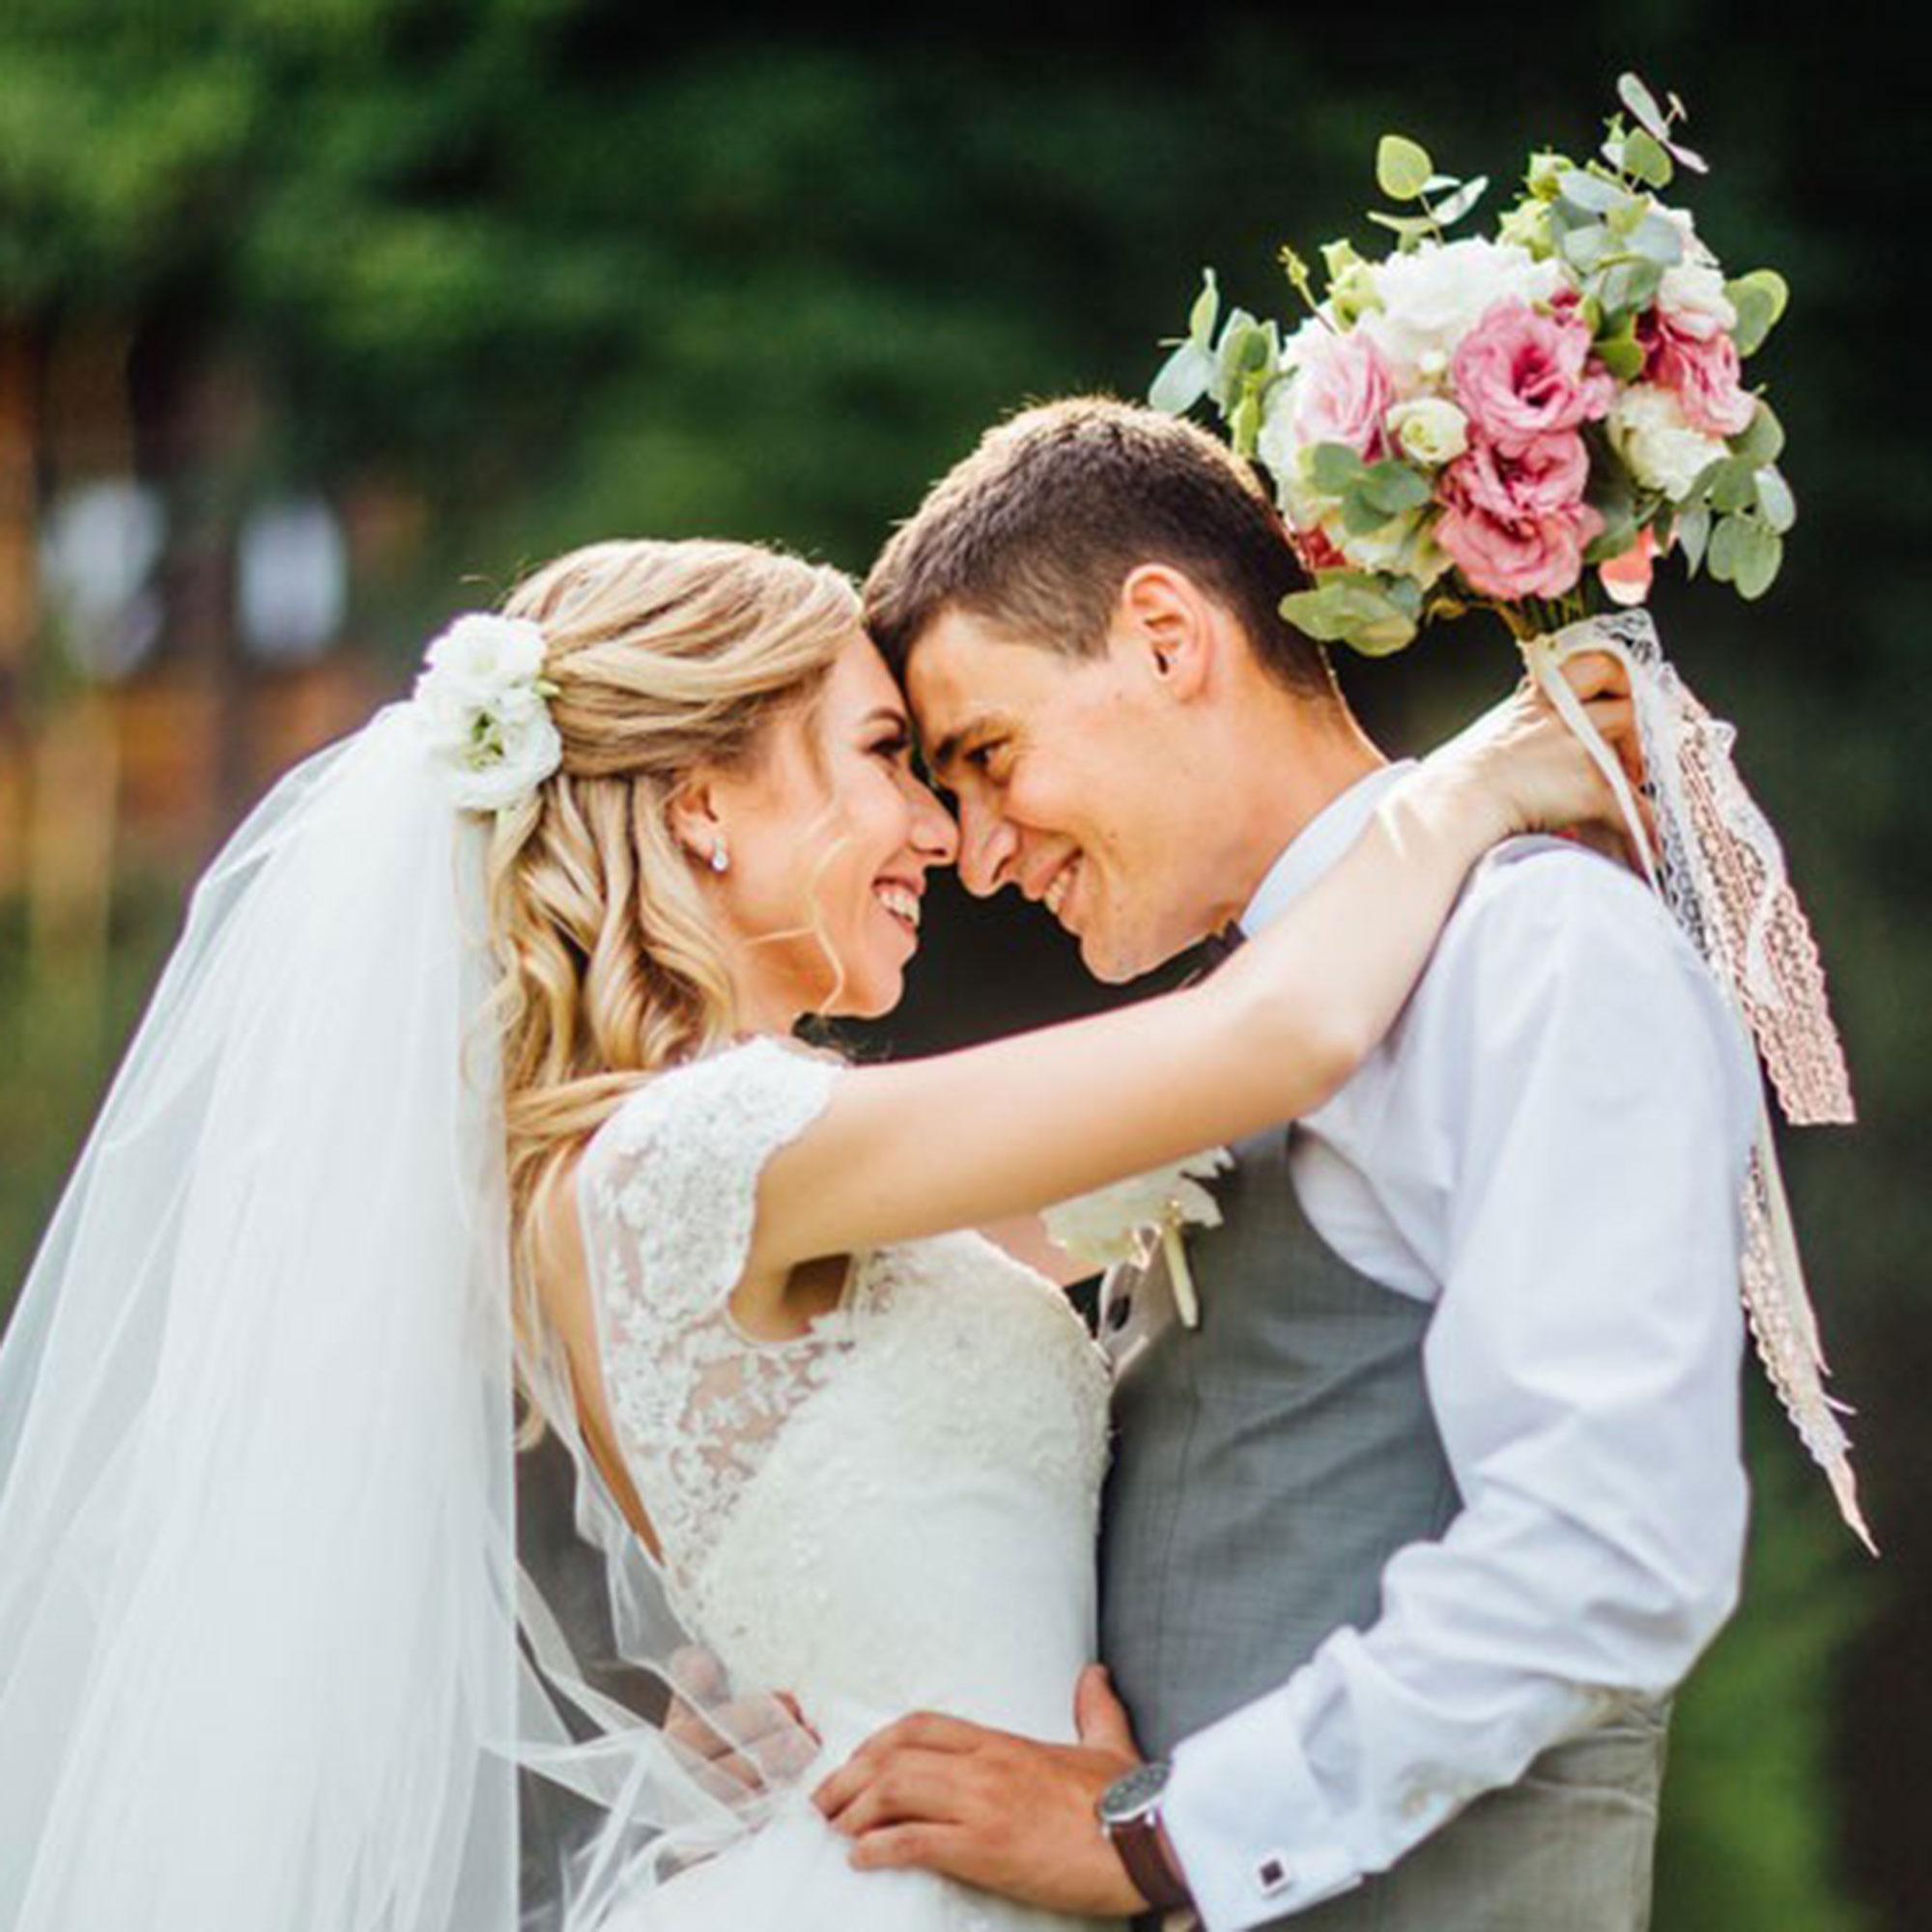 19. Jänner: Erste große Hochzeitsmesse im Stainzerhof